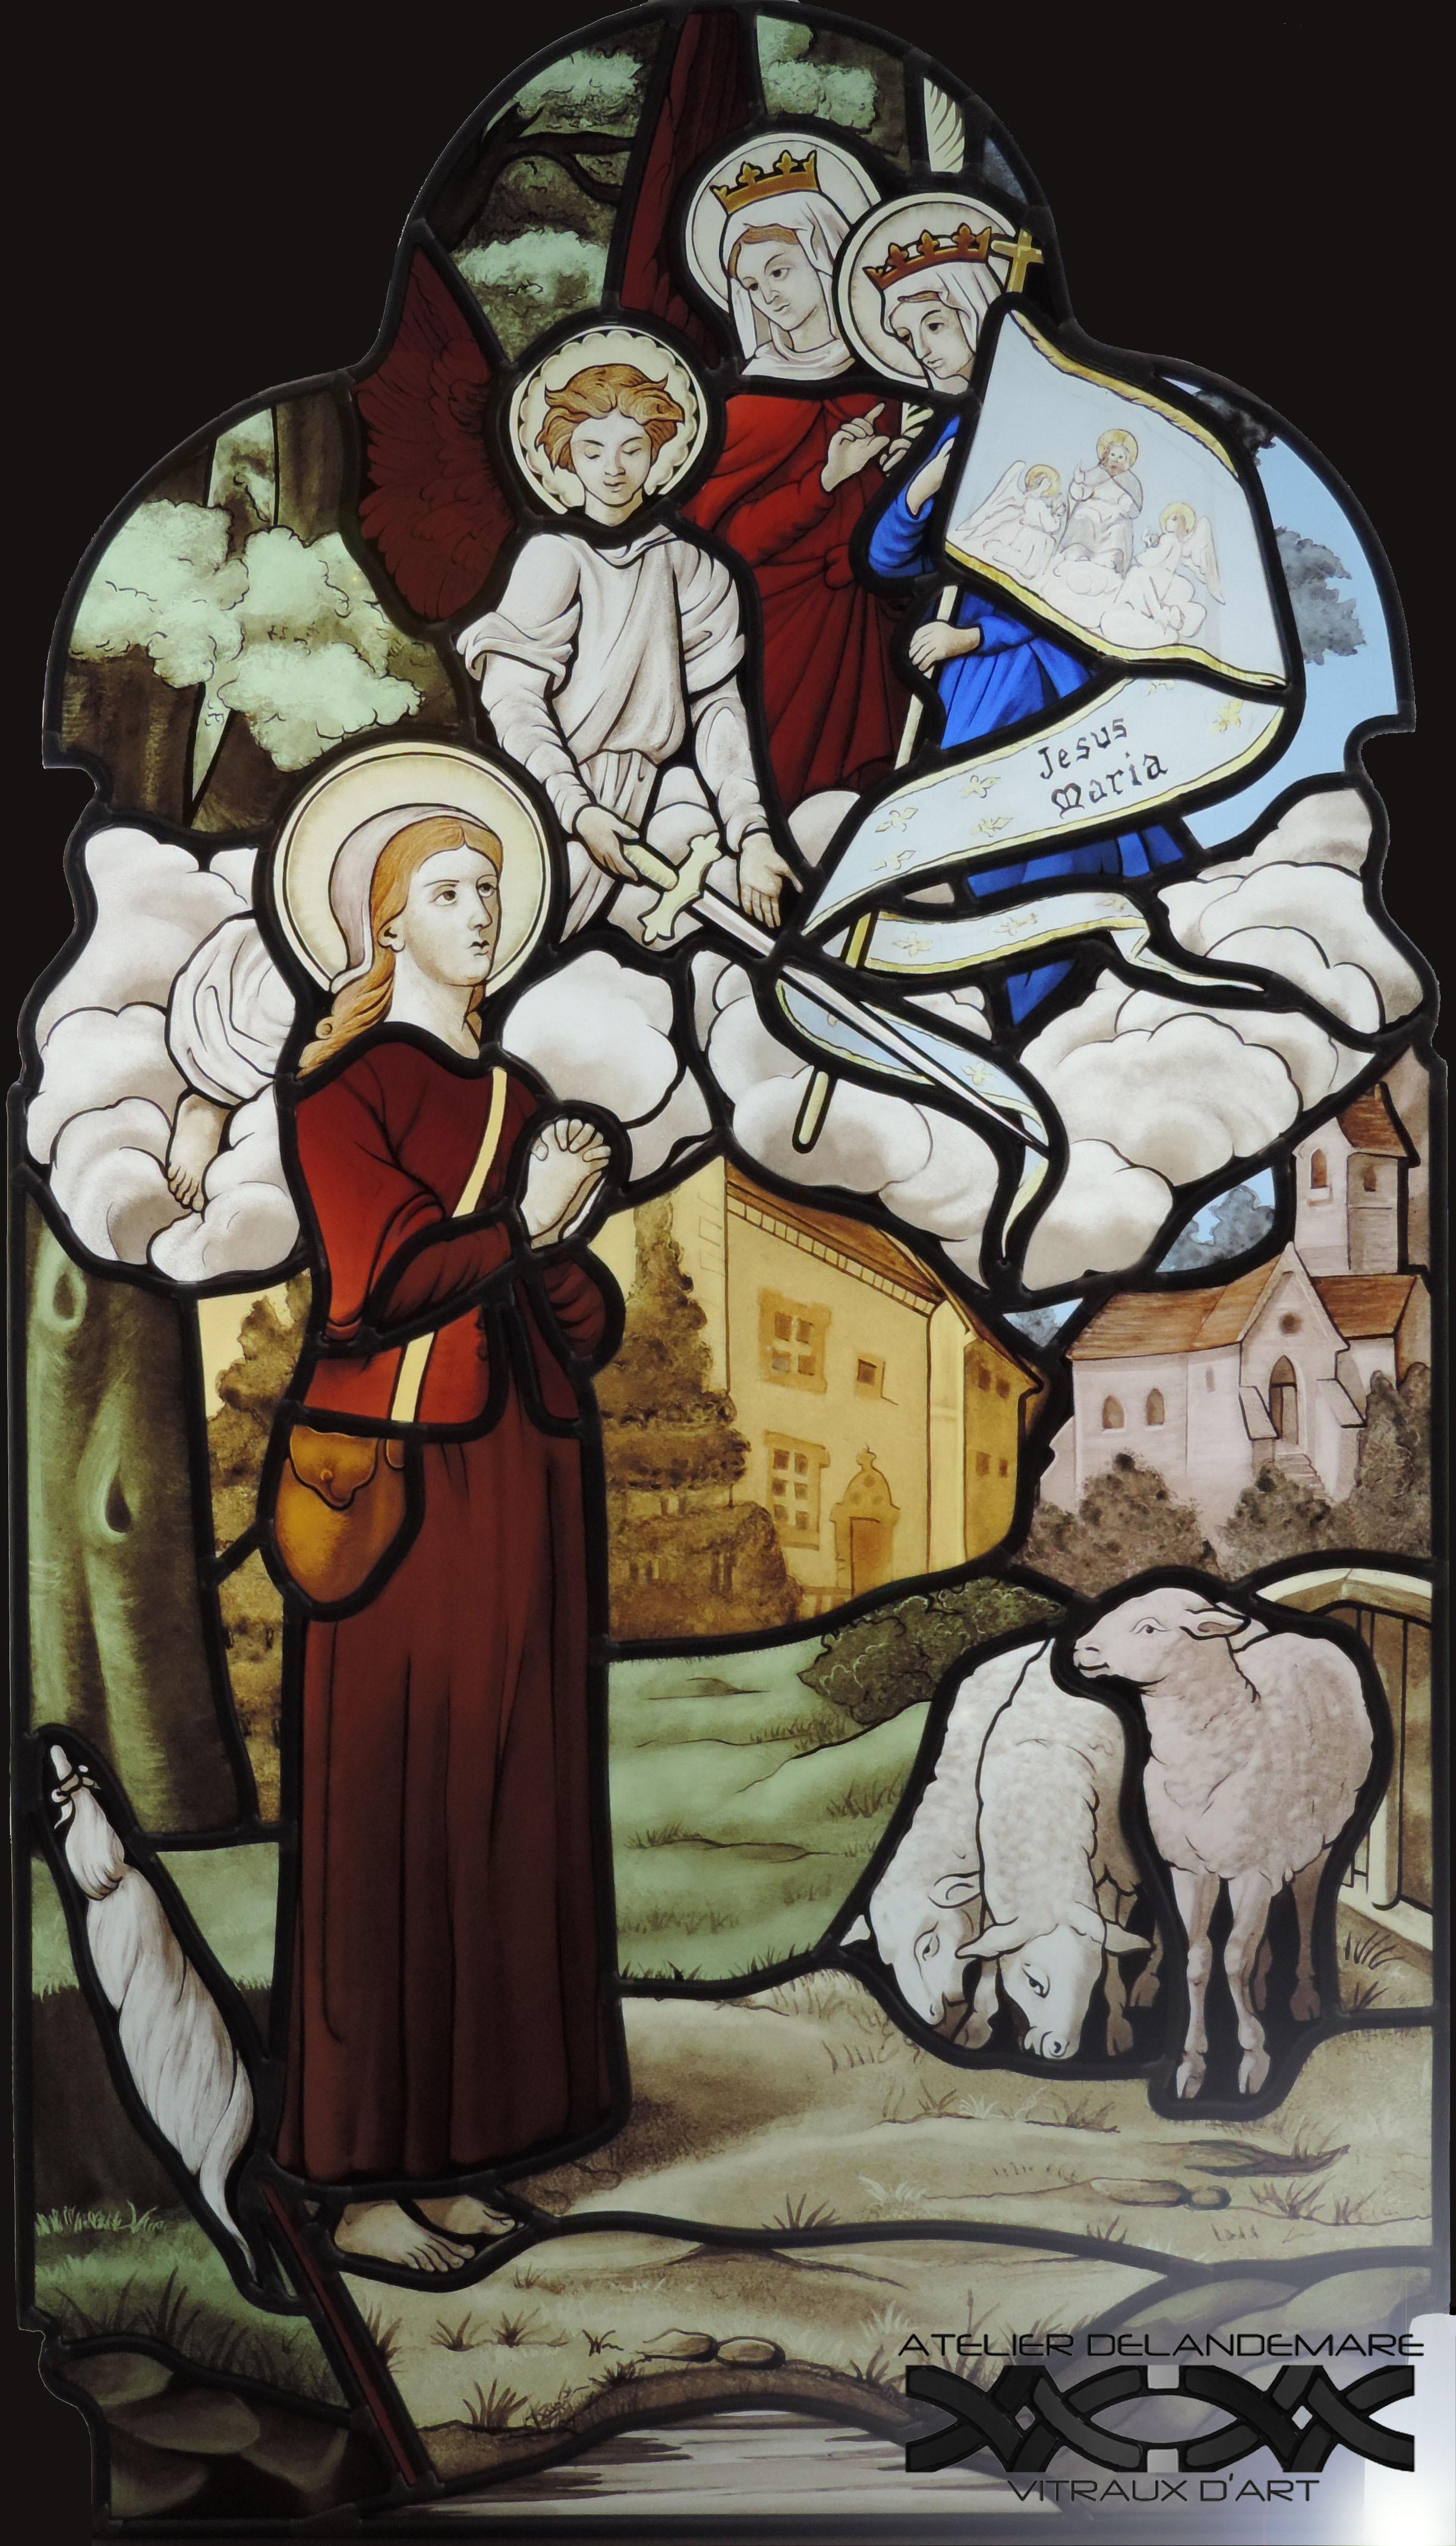 Historial Jeanne d'arc rouen